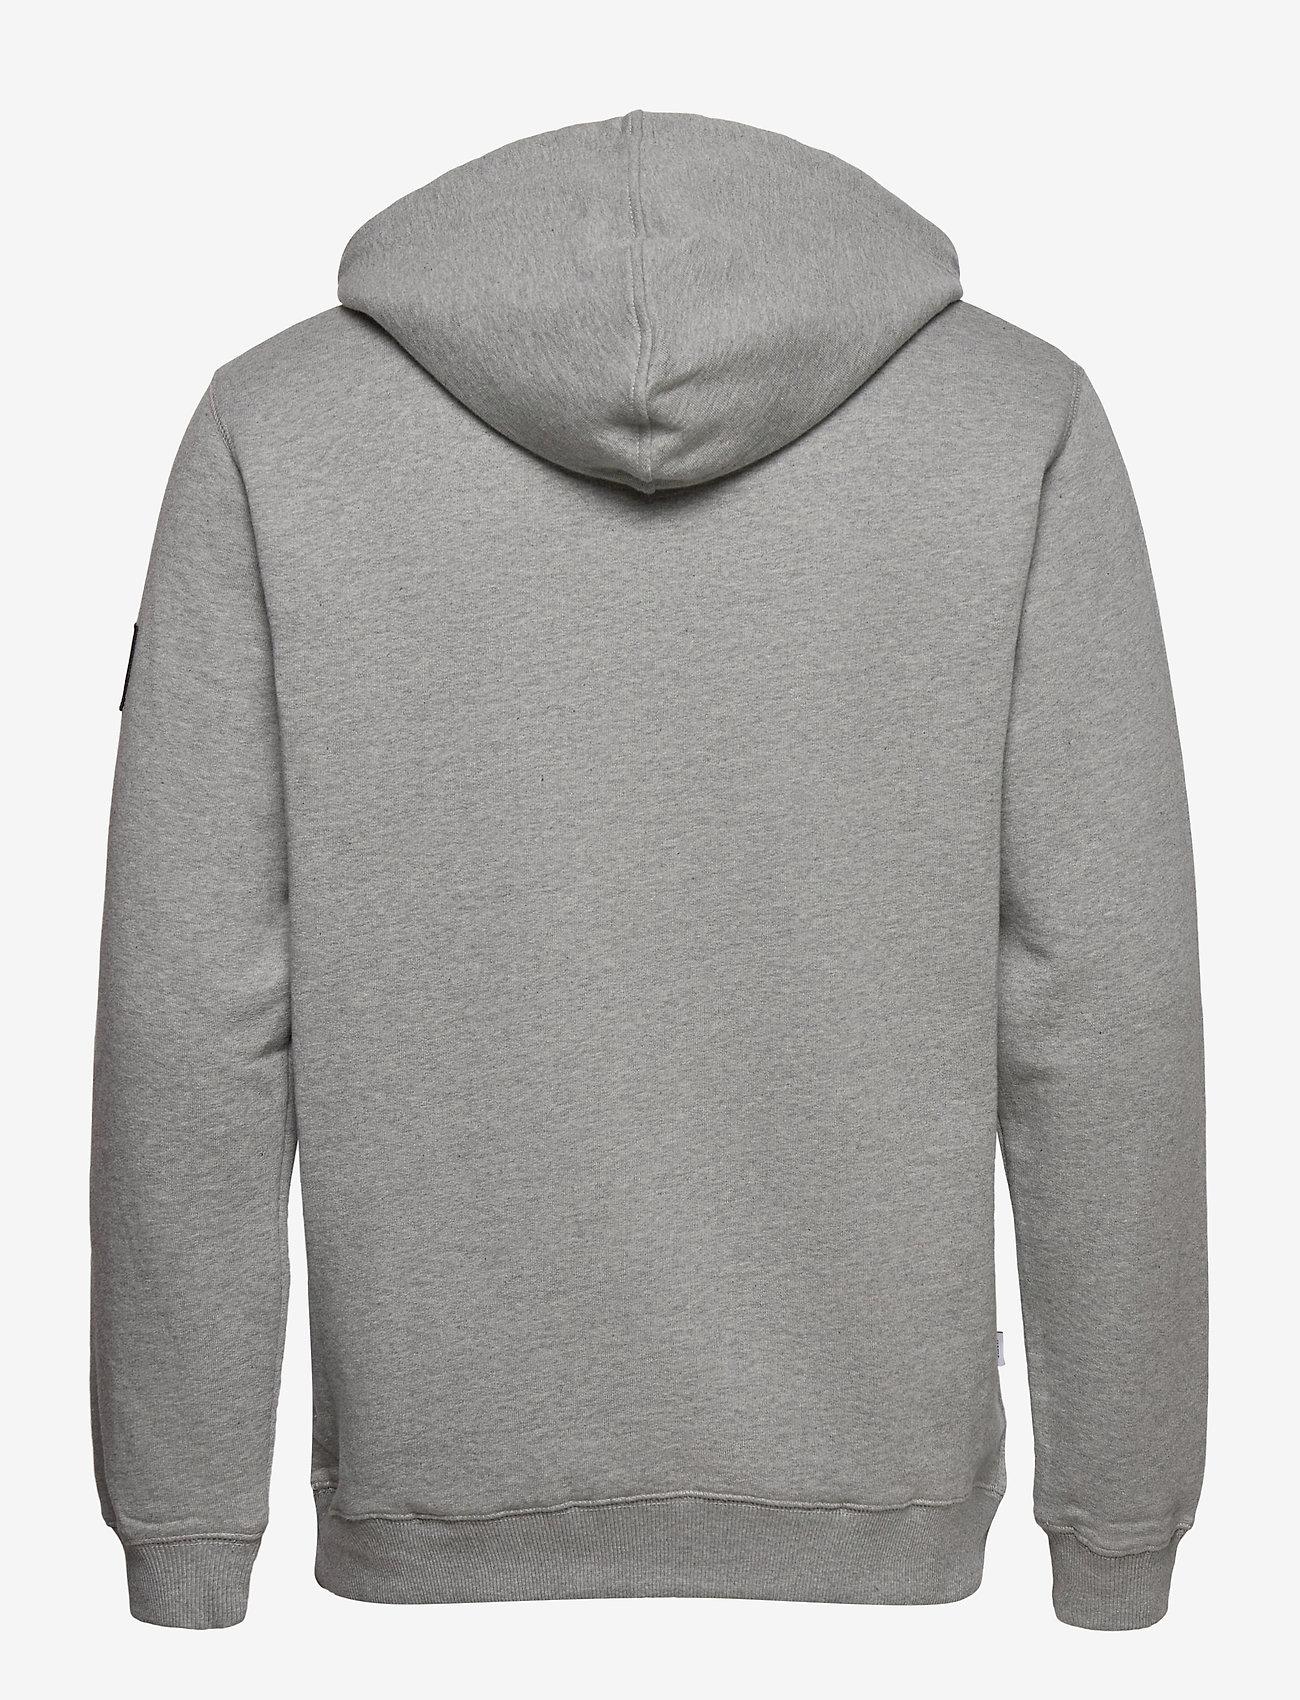 Symbol Hooded Sweatshirt (Grey) (57.85 €) - Makia MbD1i